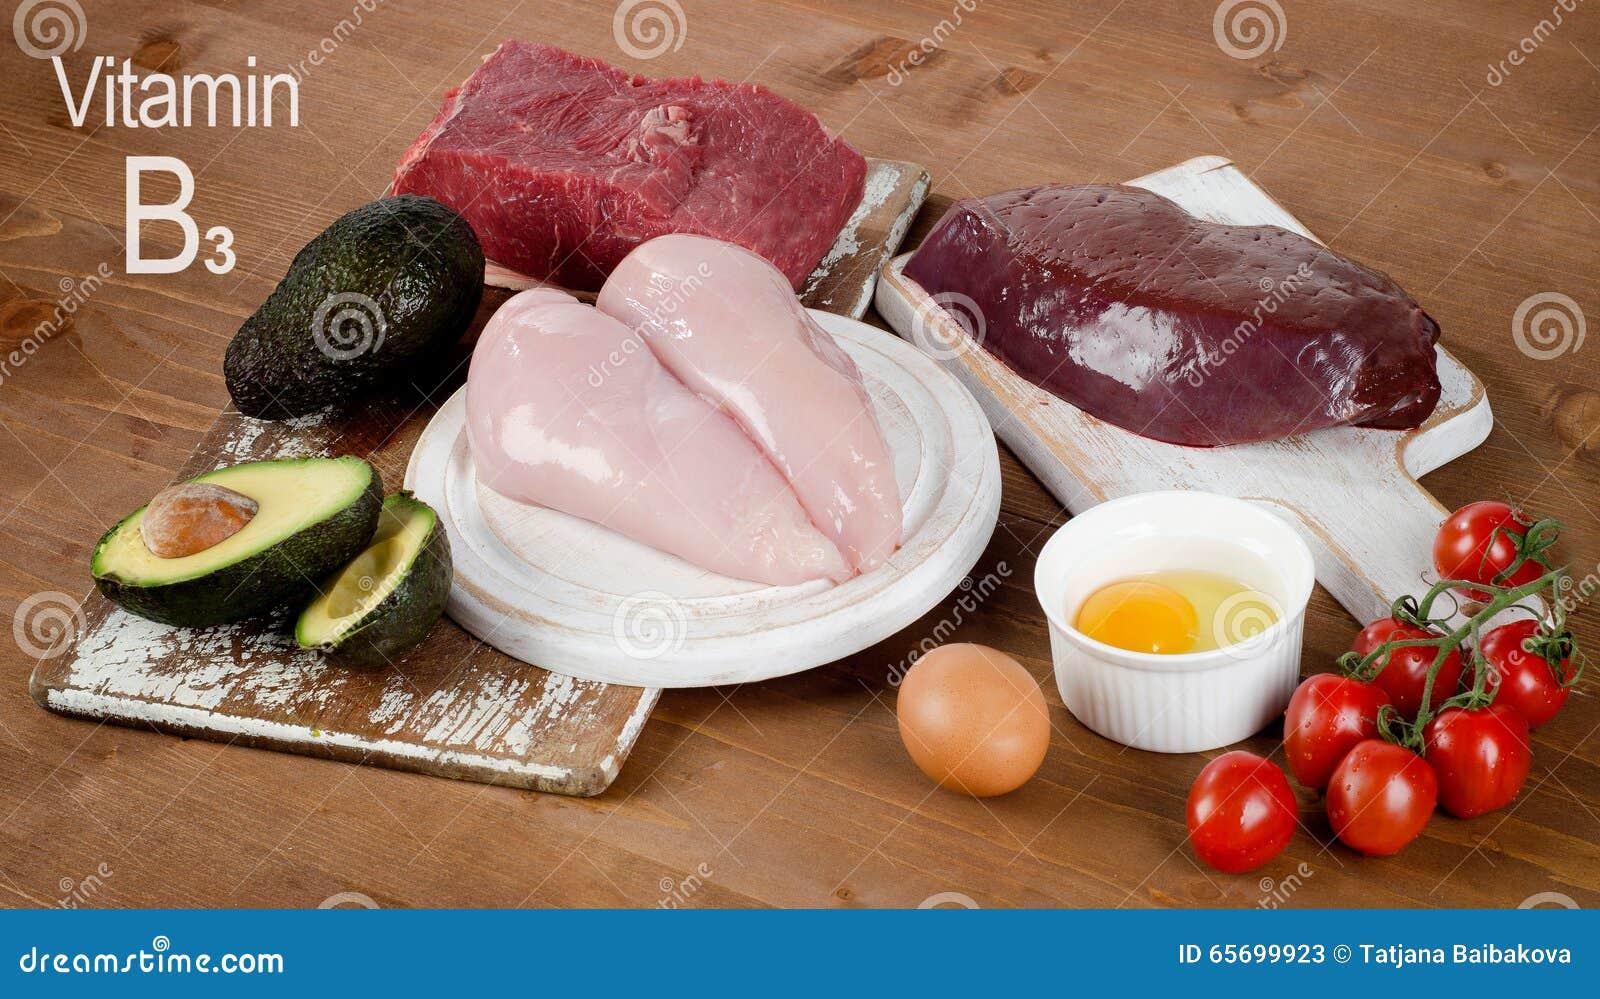 Foods Wysocy W witaminie B3